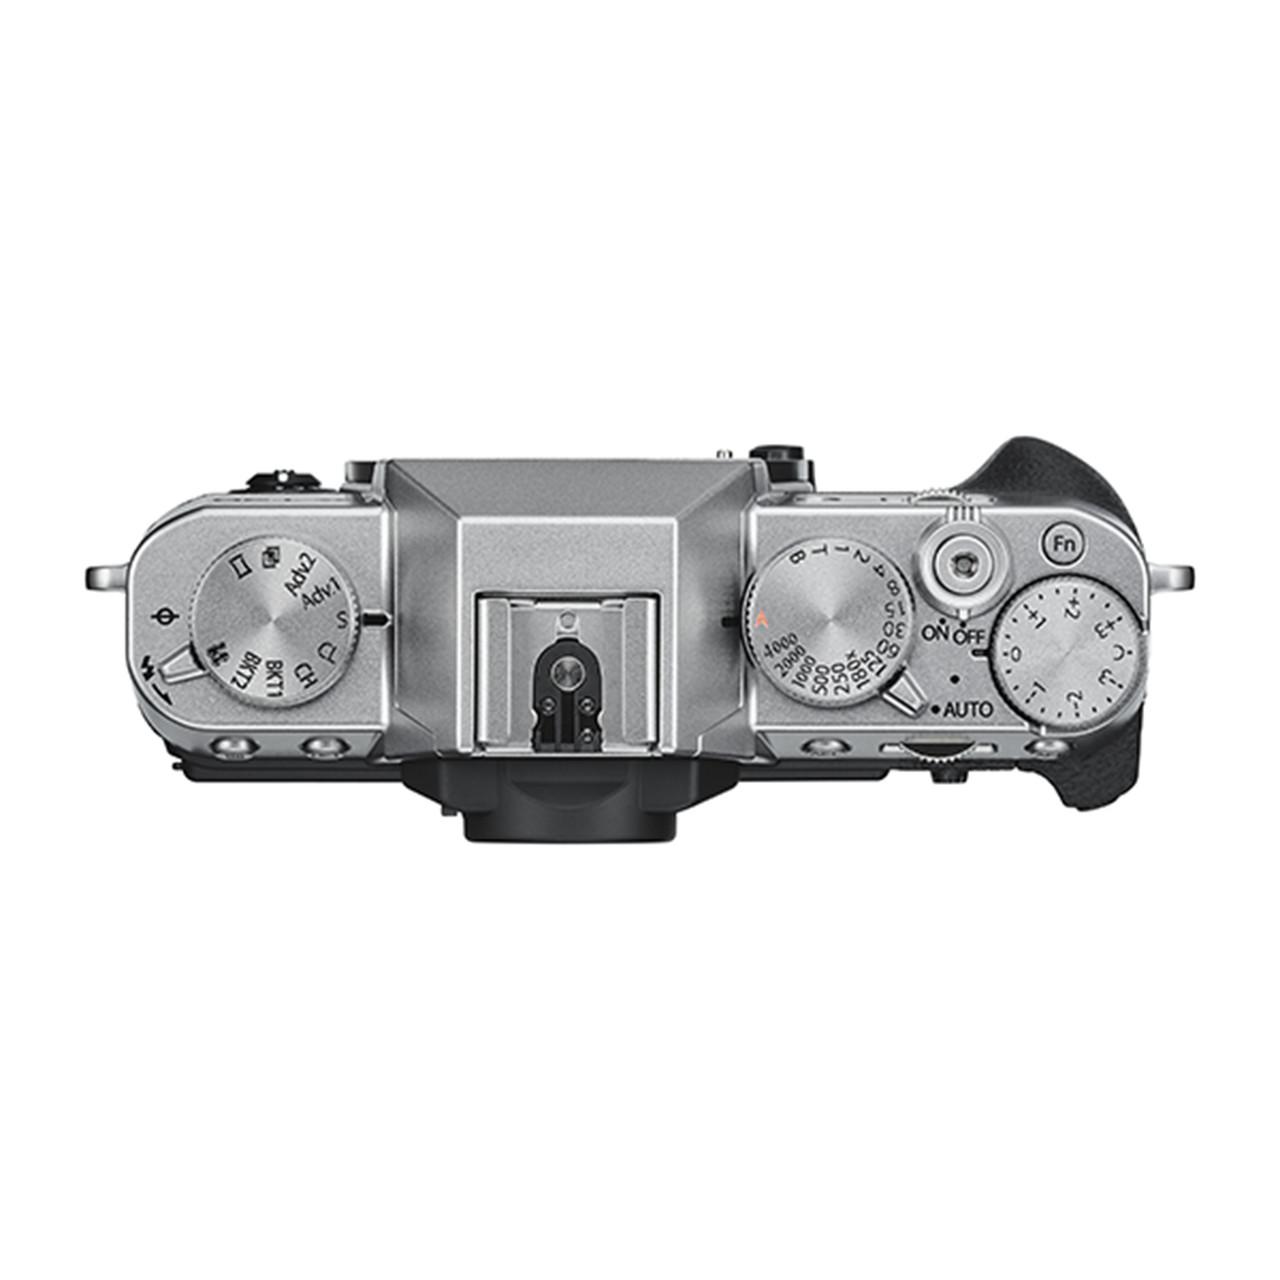 FUJIFILM X-T30 BODY (SILVER)